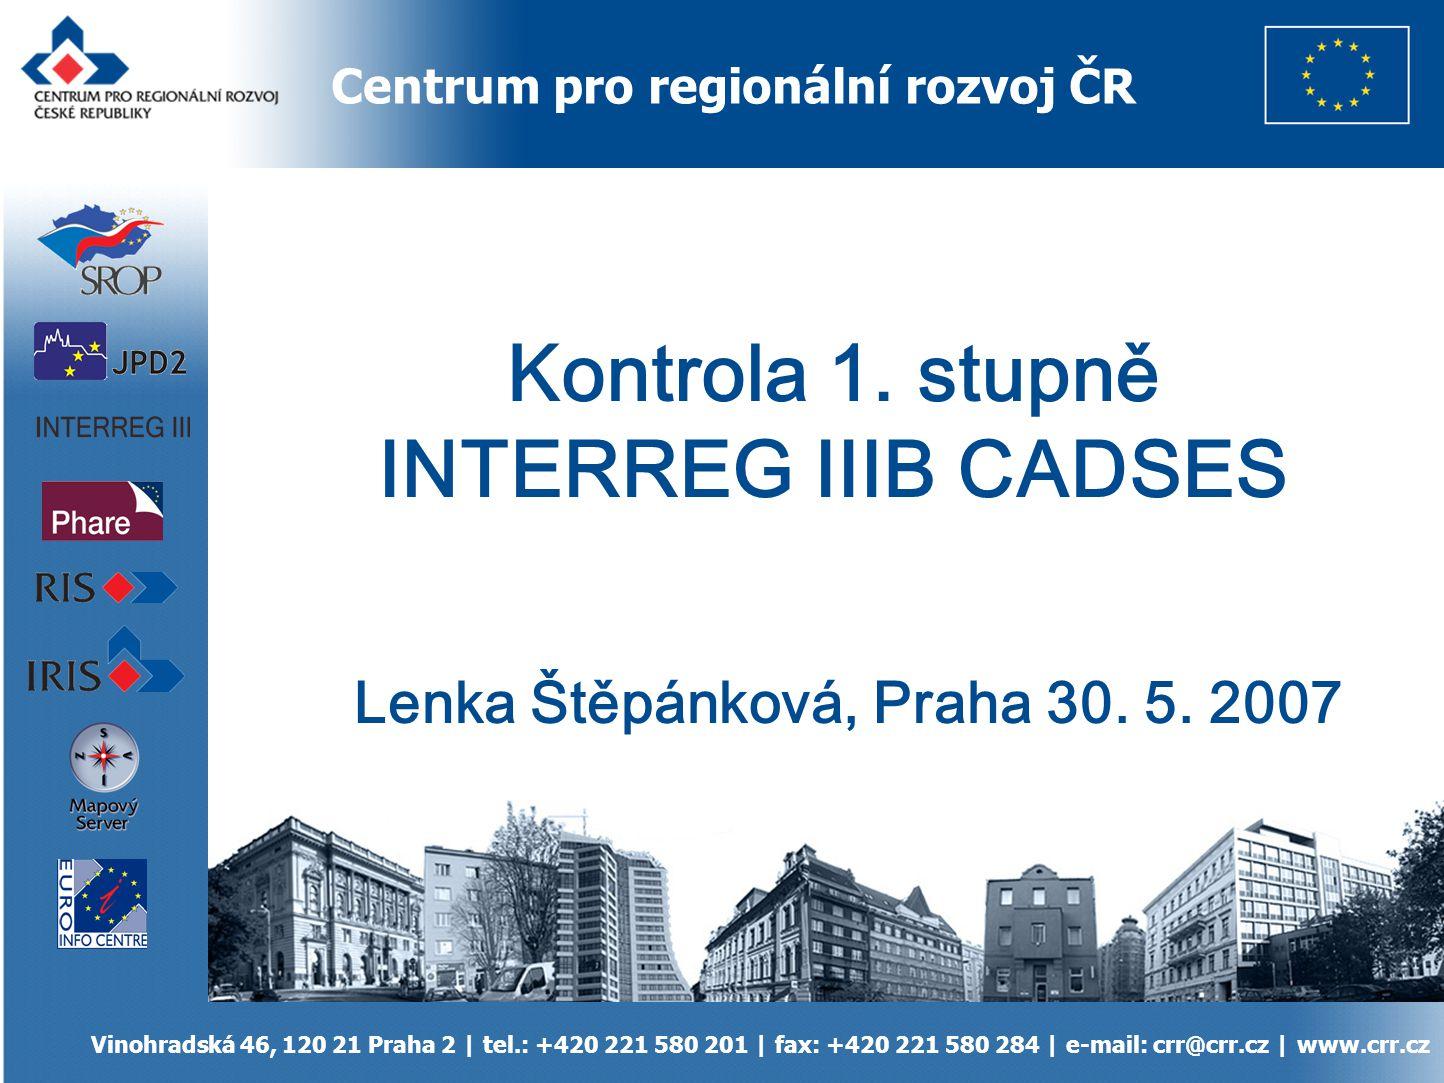 Centrum pro regionální rozvoj ČR Vinohradská 46, 120 21 Praha 2 | tel.: +420 221 580 201 | fax: +420 221 580 284 | e-mail: crr@crr.cz | www.crr.cz Kon